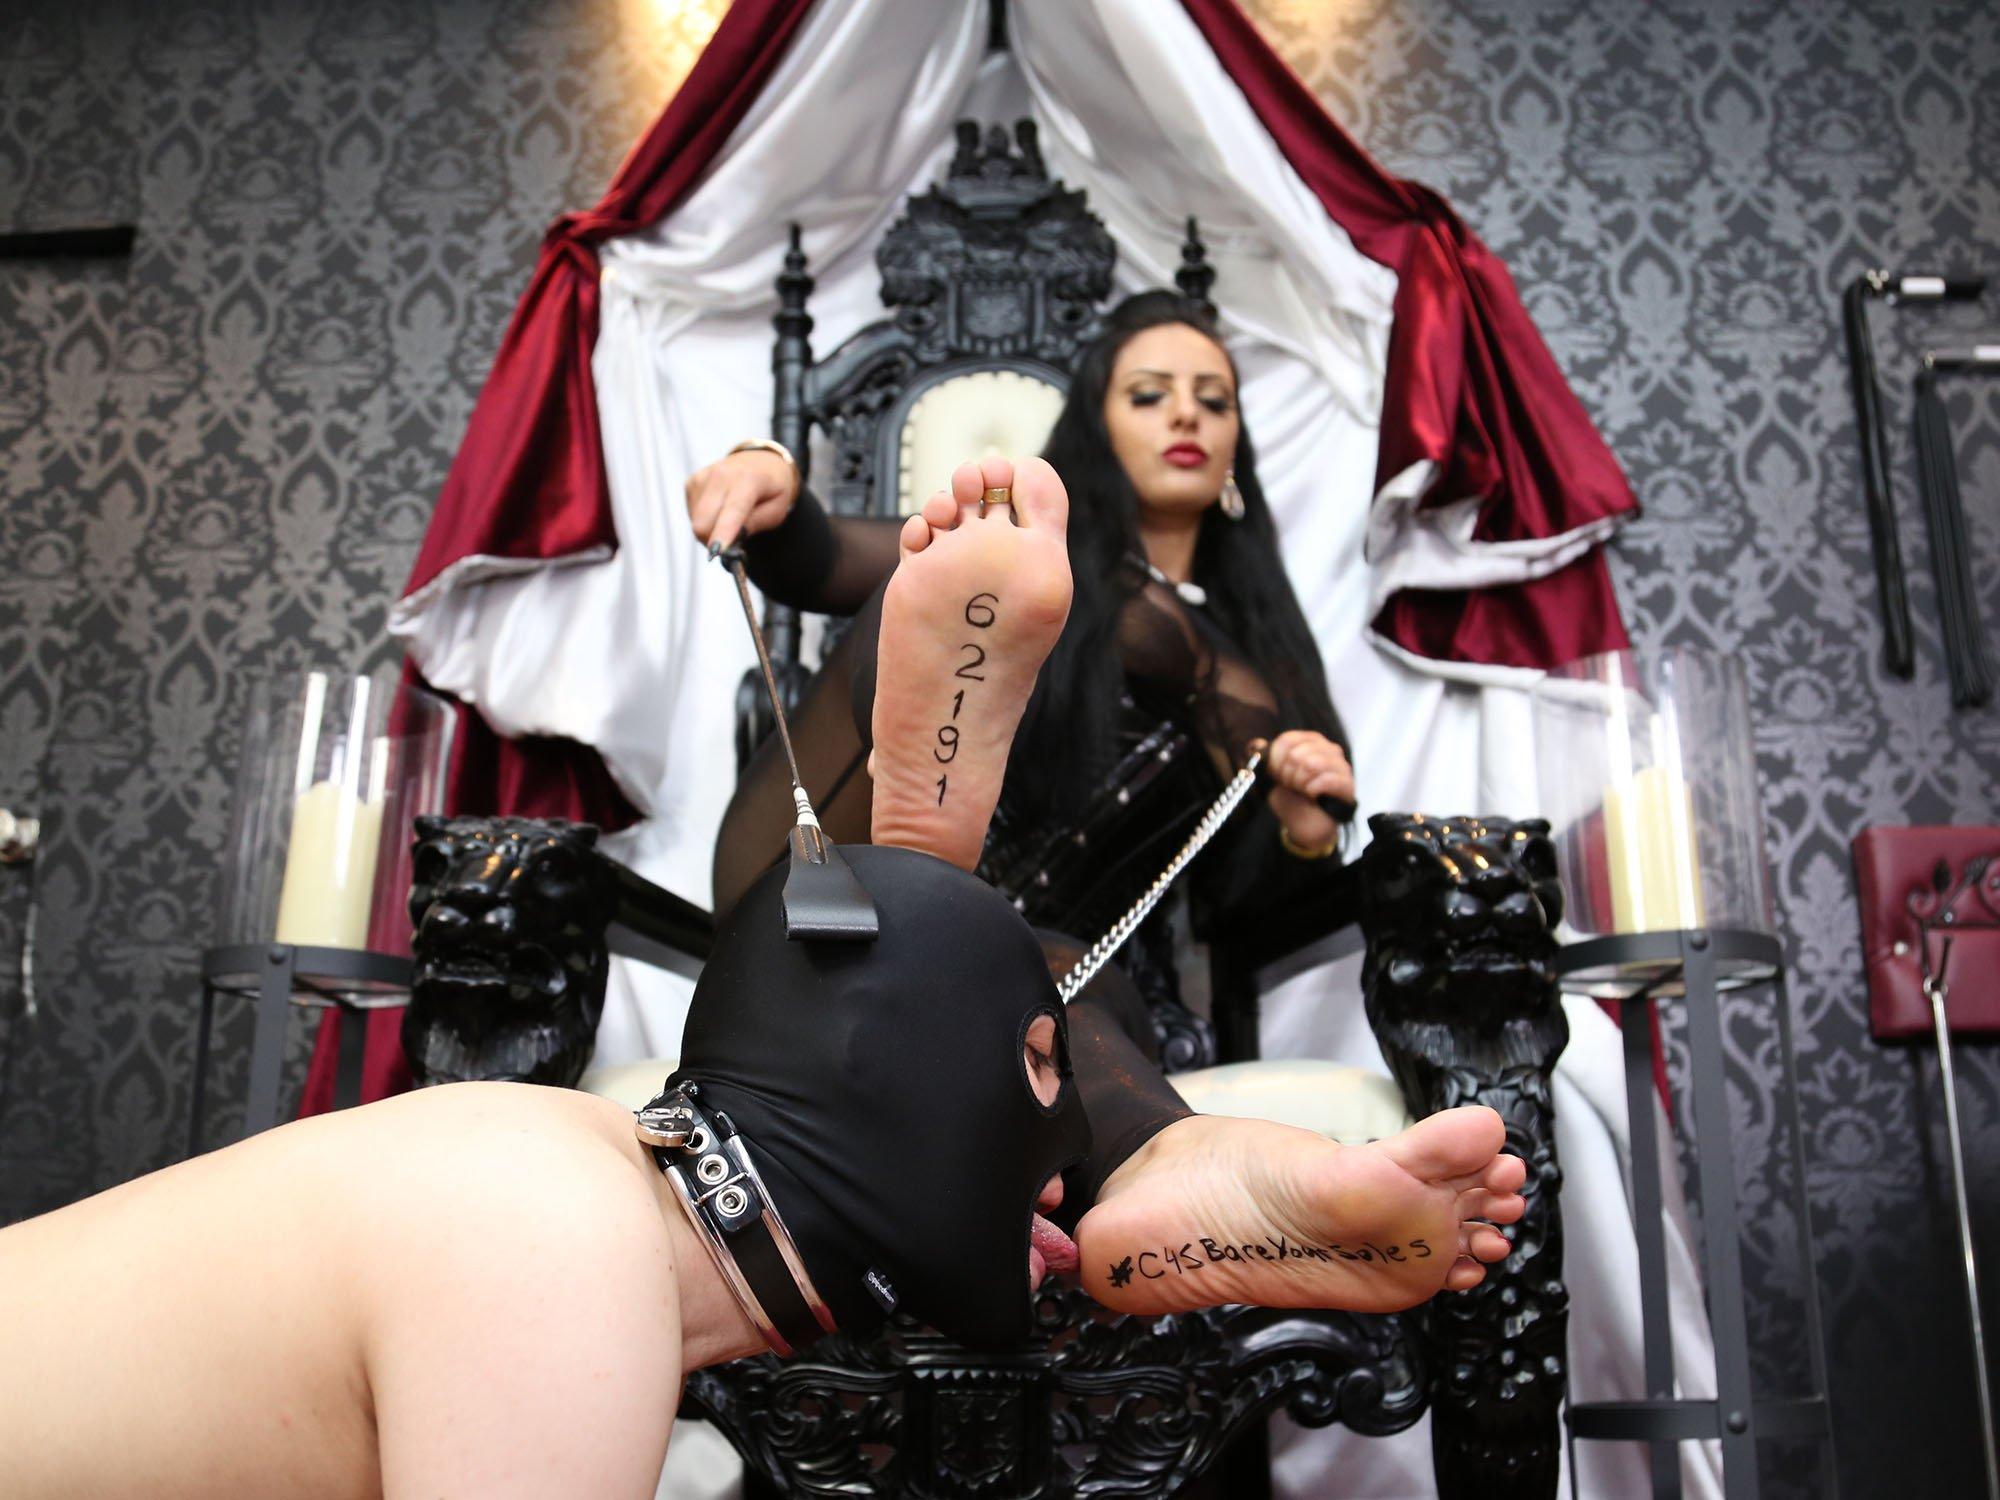 Domina femdom mistress info clip fetisch - 1 part 5